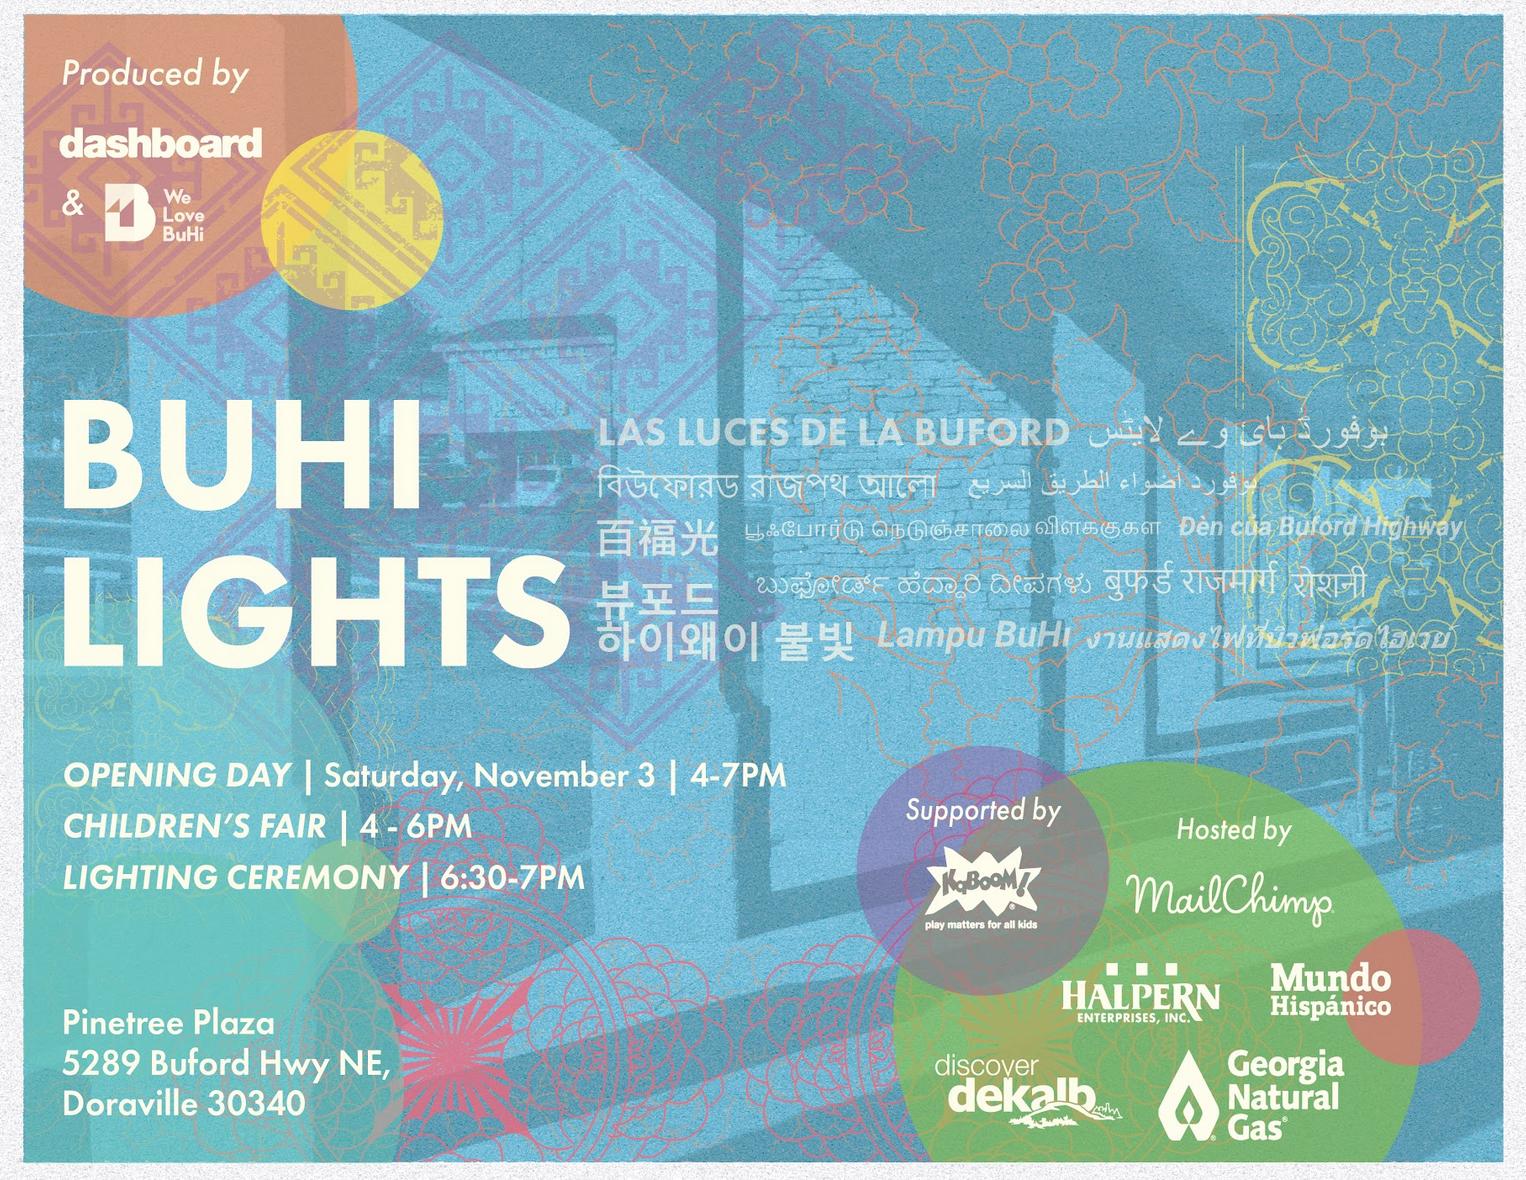 BuHi Lights_Flyer_Final_English.png